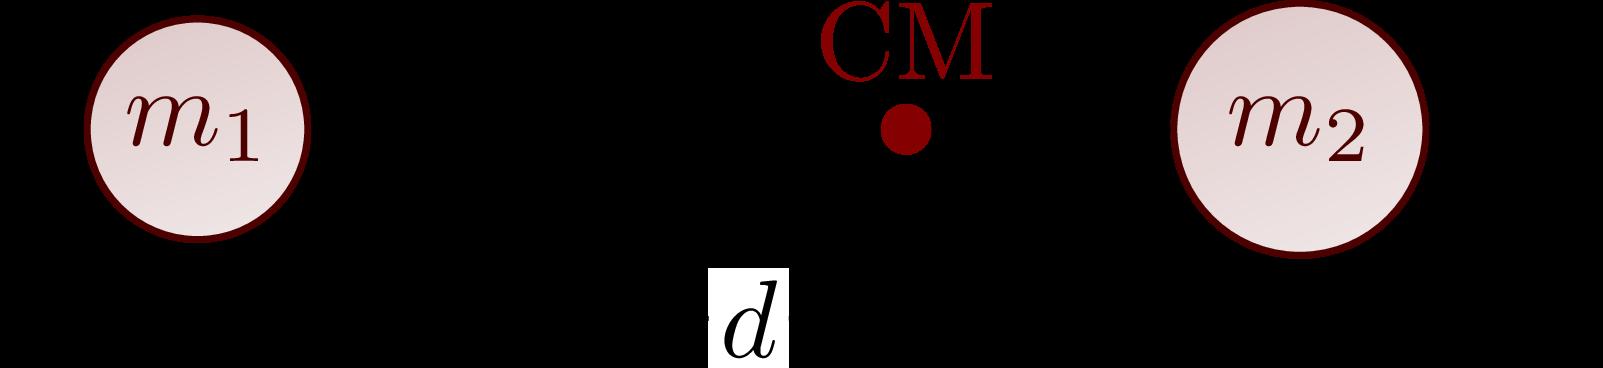 dynamics_center_of_mass-005.png